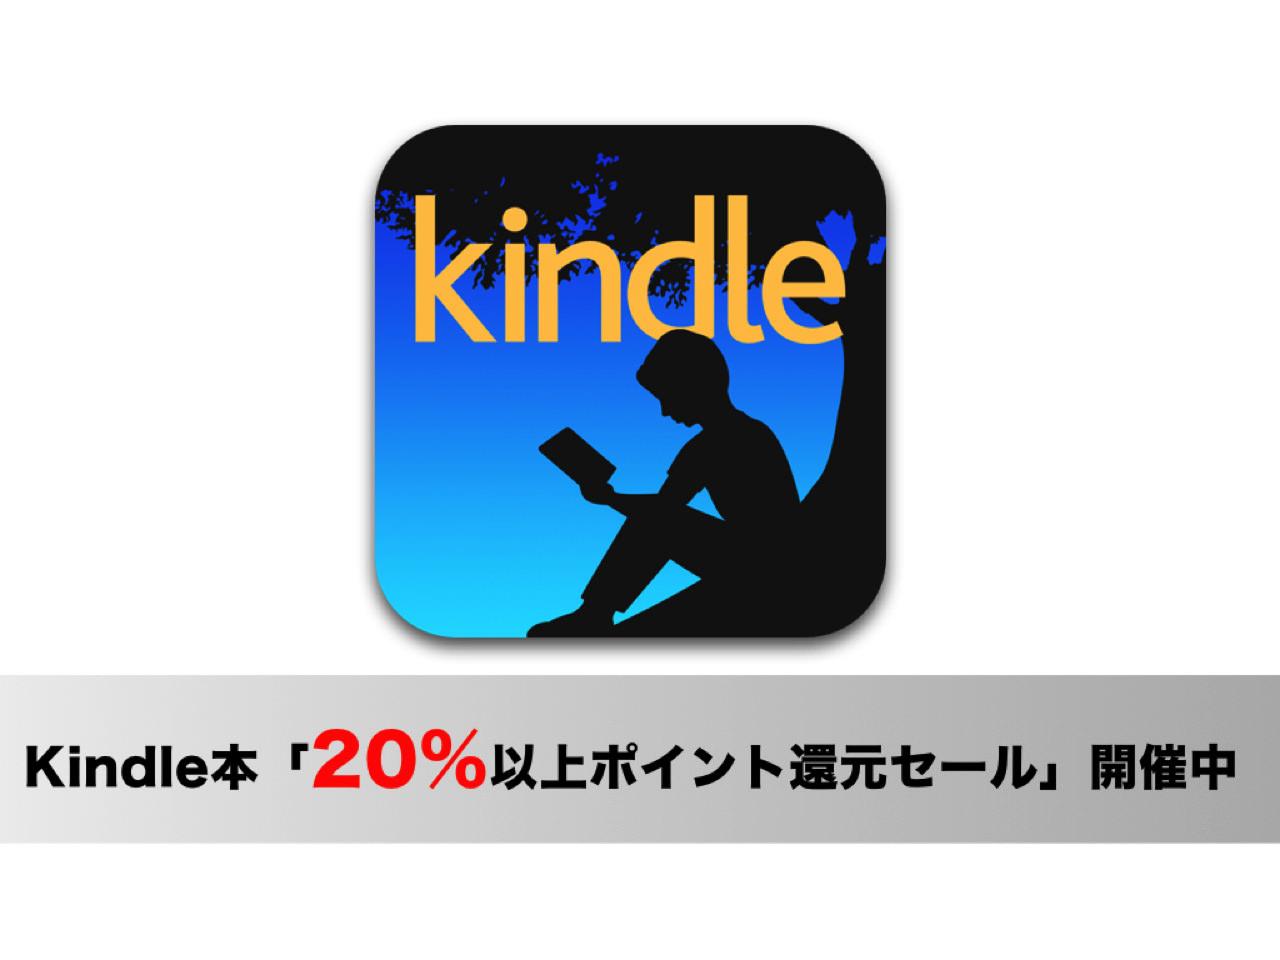 Kindle本「20%以上ポイント還元セール」実施中!約35,000冊以上が対象に!